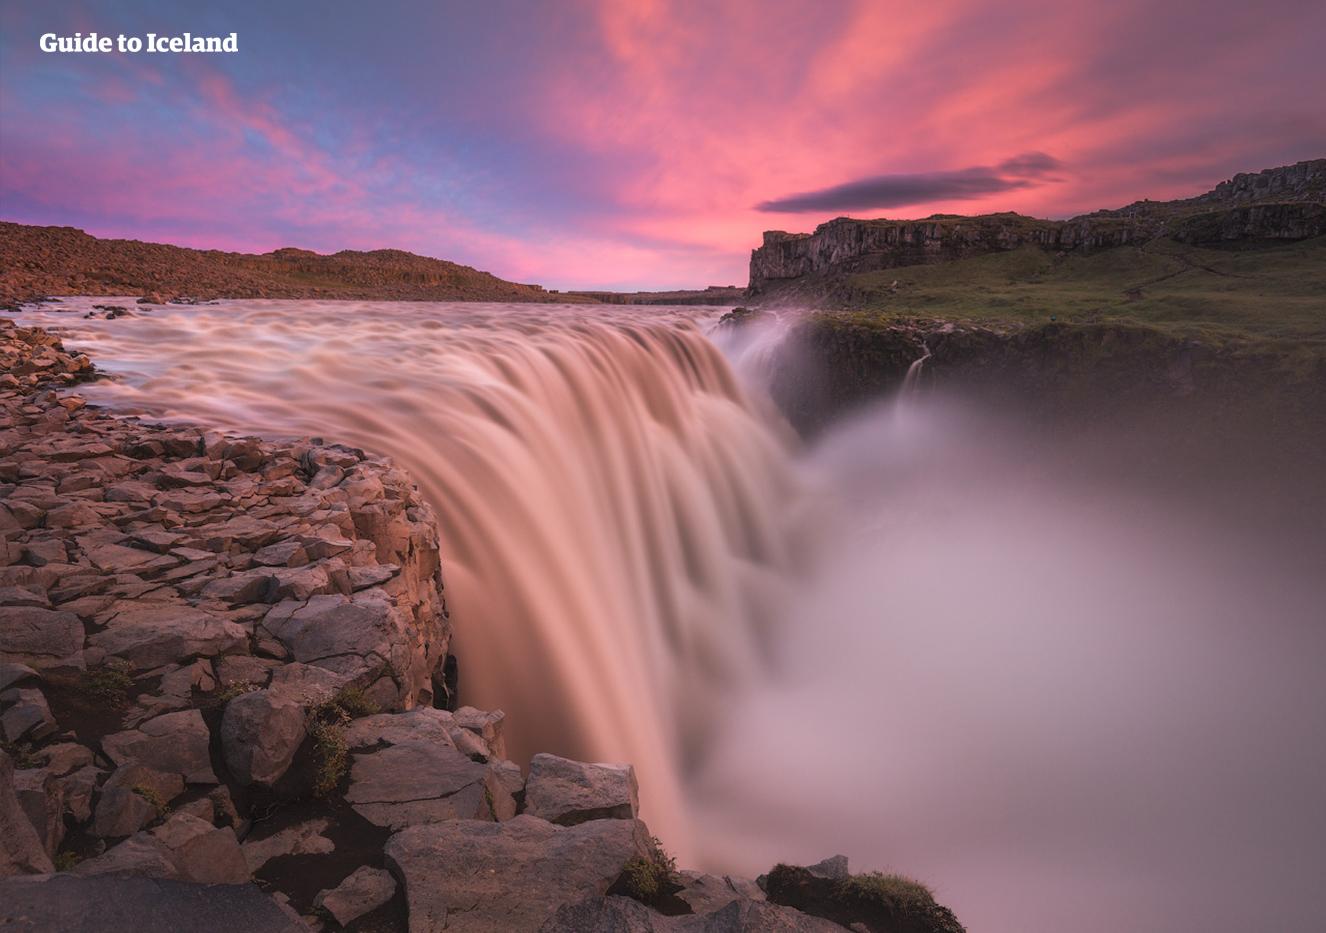 W wodospadzie Dettifoss zobaczysz mieszankę czystej mocy i czystego piękna.